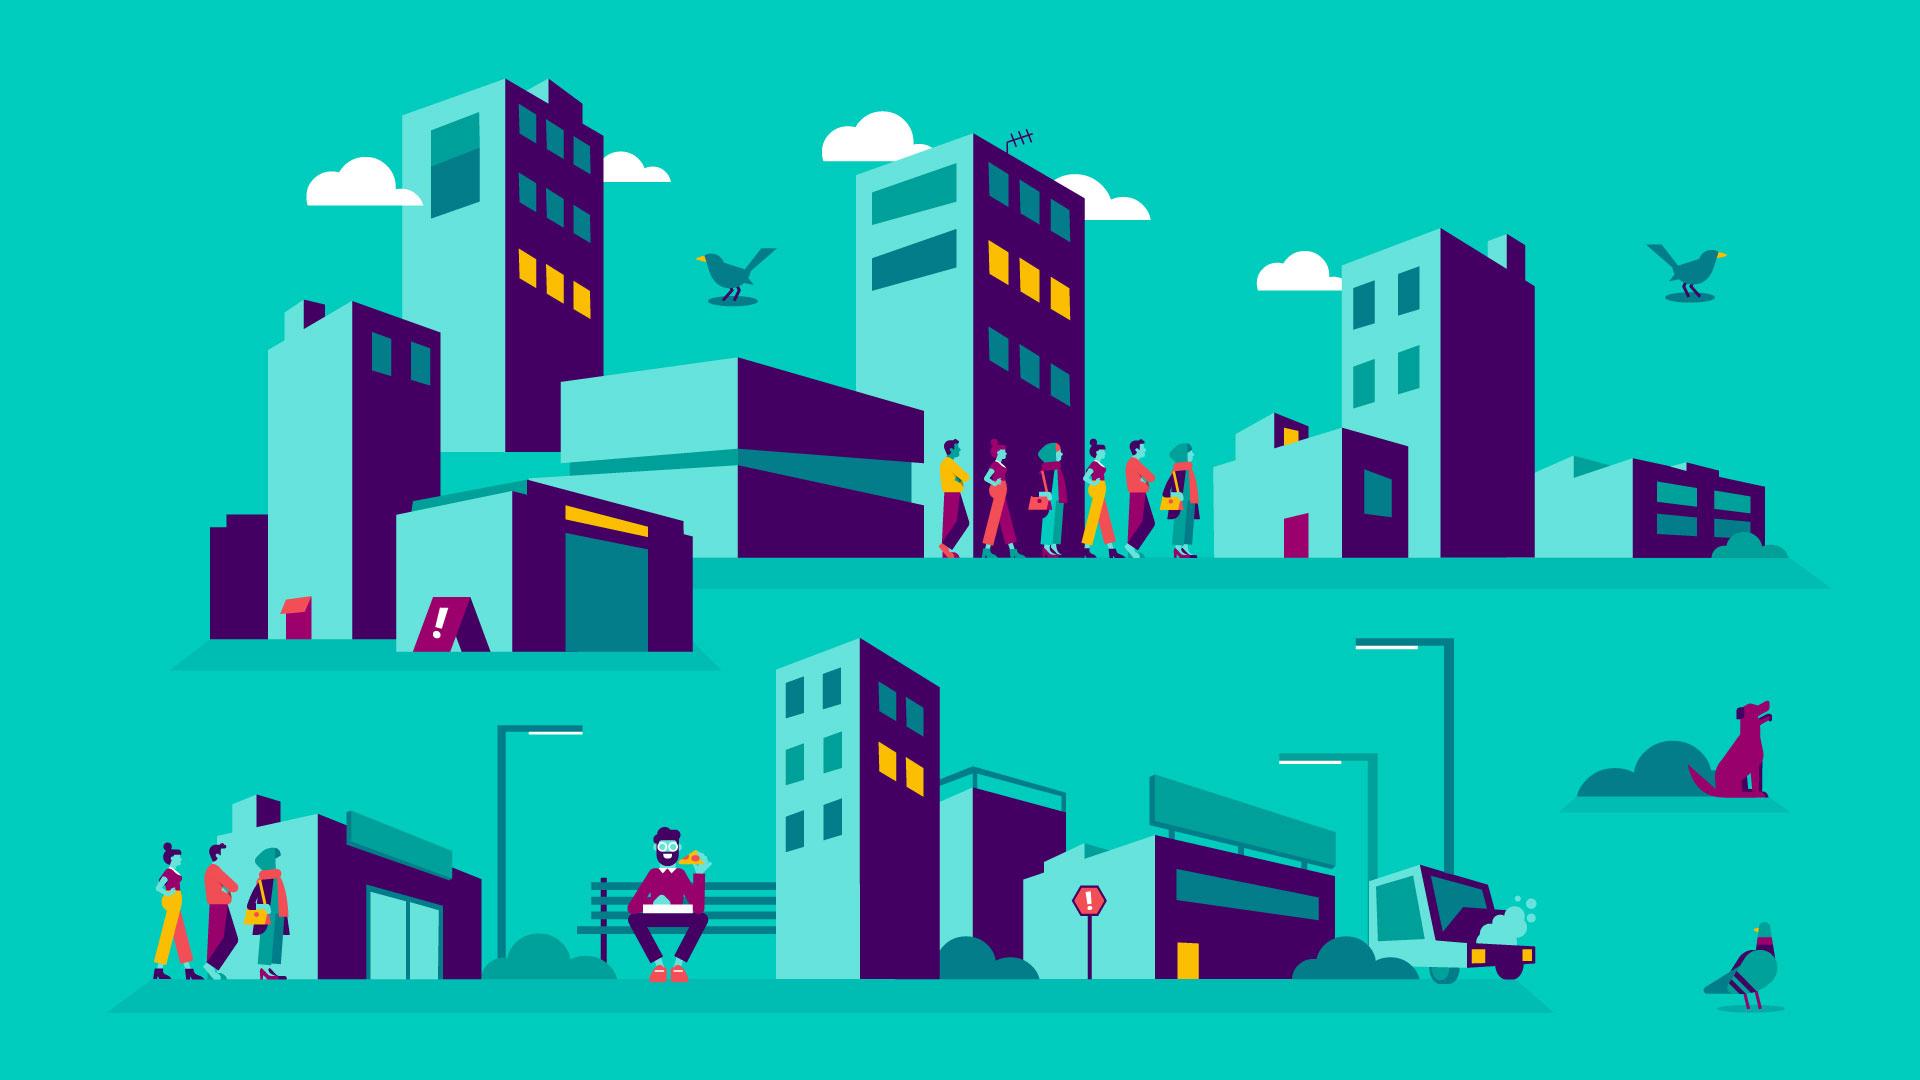 Deliveroo cityscape